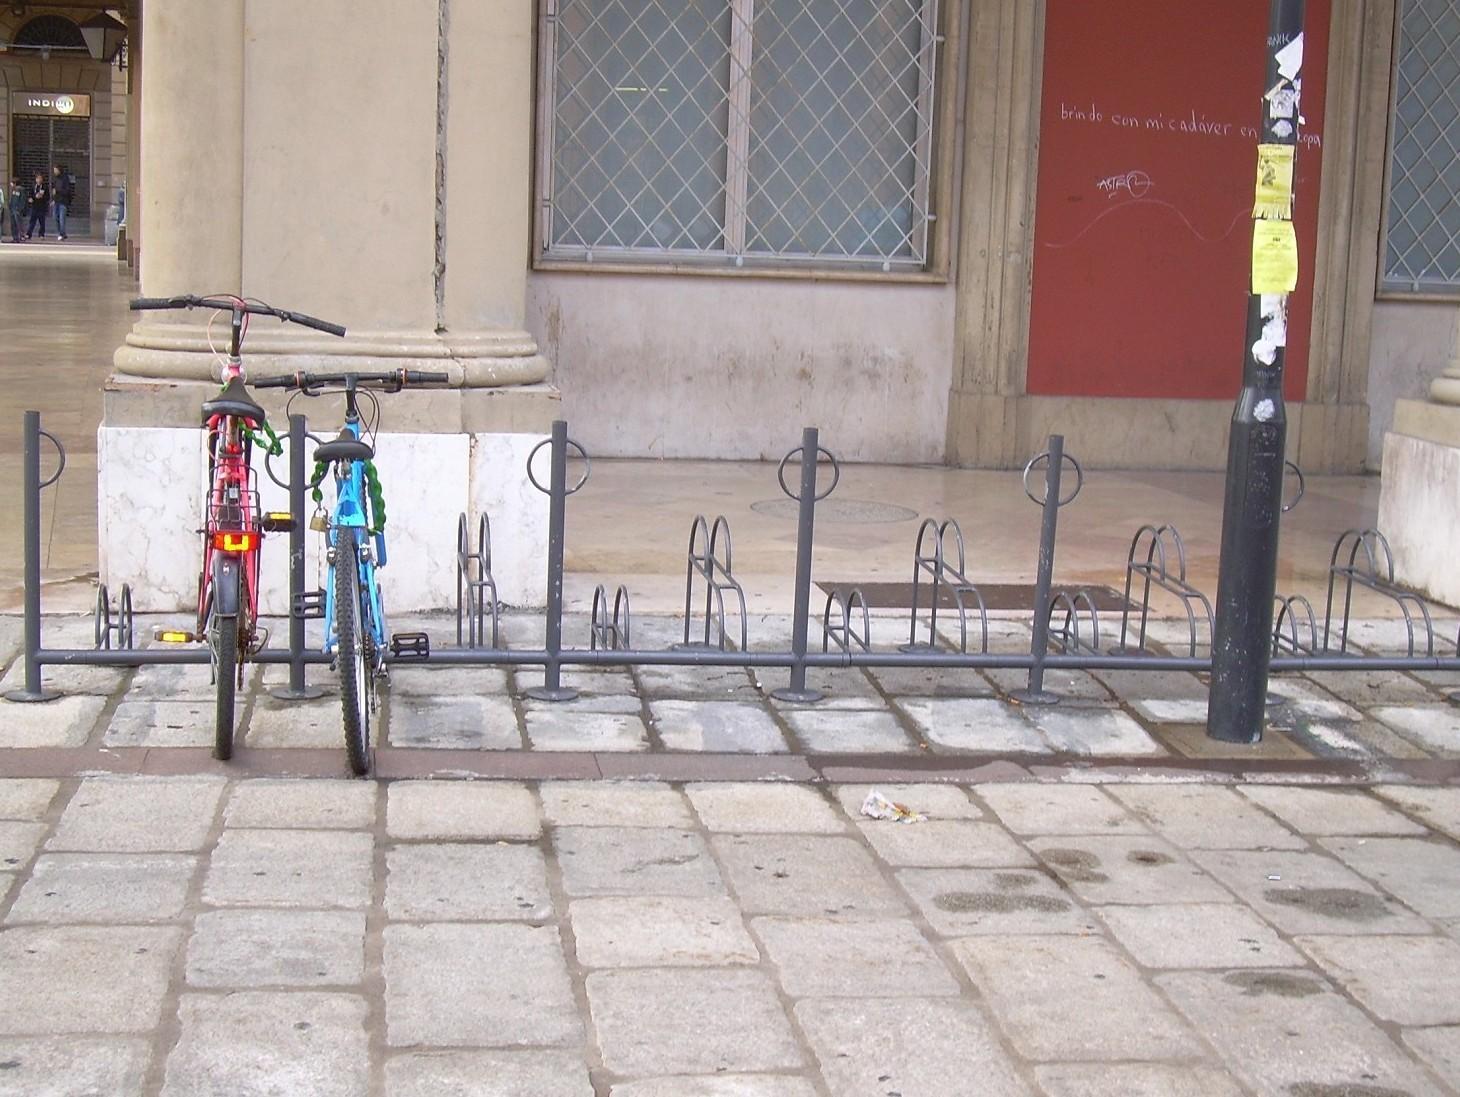 Rastrelliera bicicletta in condominio, installazione a norma. Quando e dove si può mettere